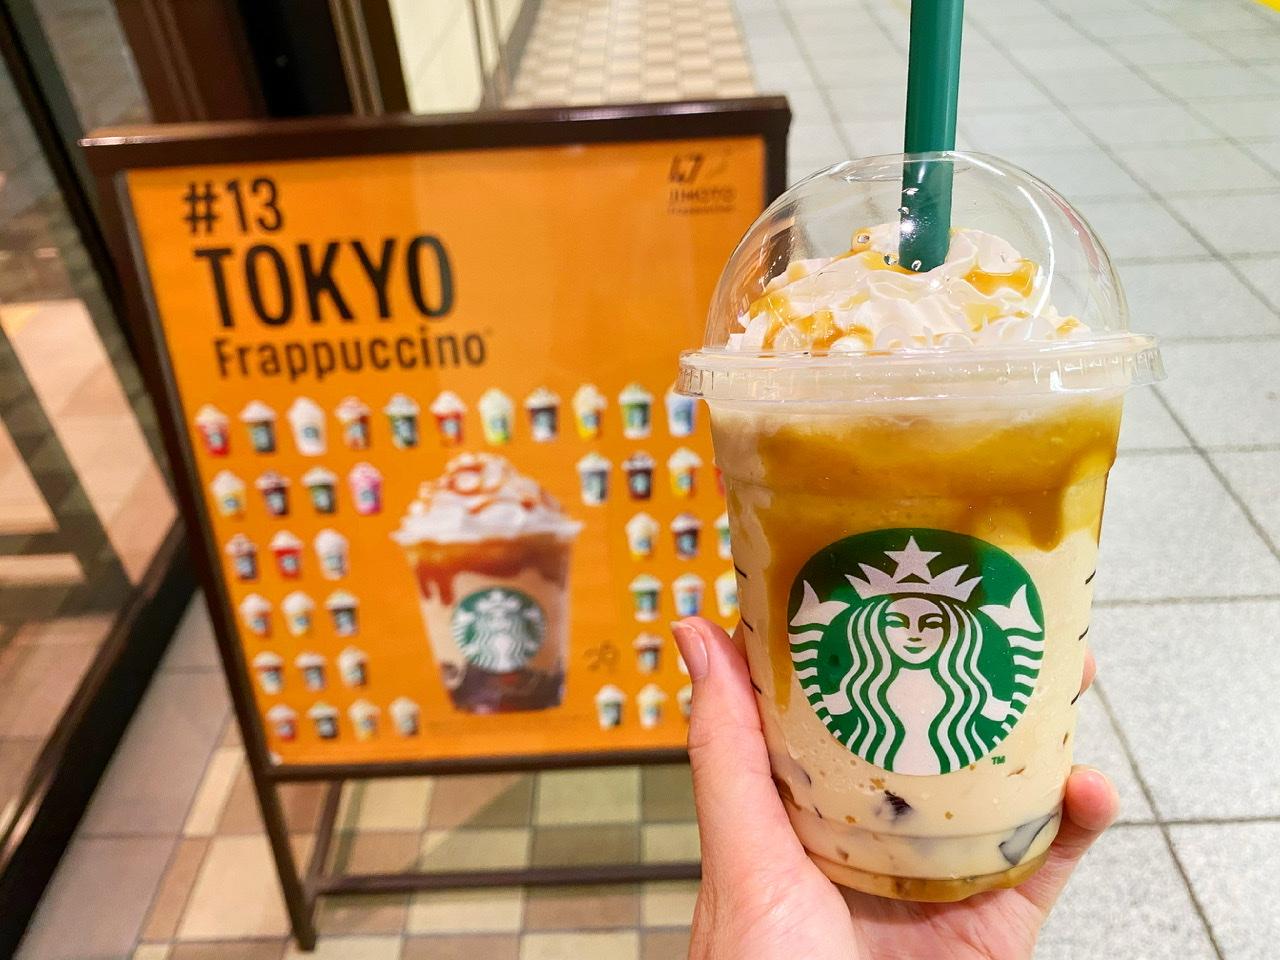 【スタバ】47JIMOTOフラペチーノ《東京》はコーヒージェリー×キャラメル❤︎❤︎❤︎_1